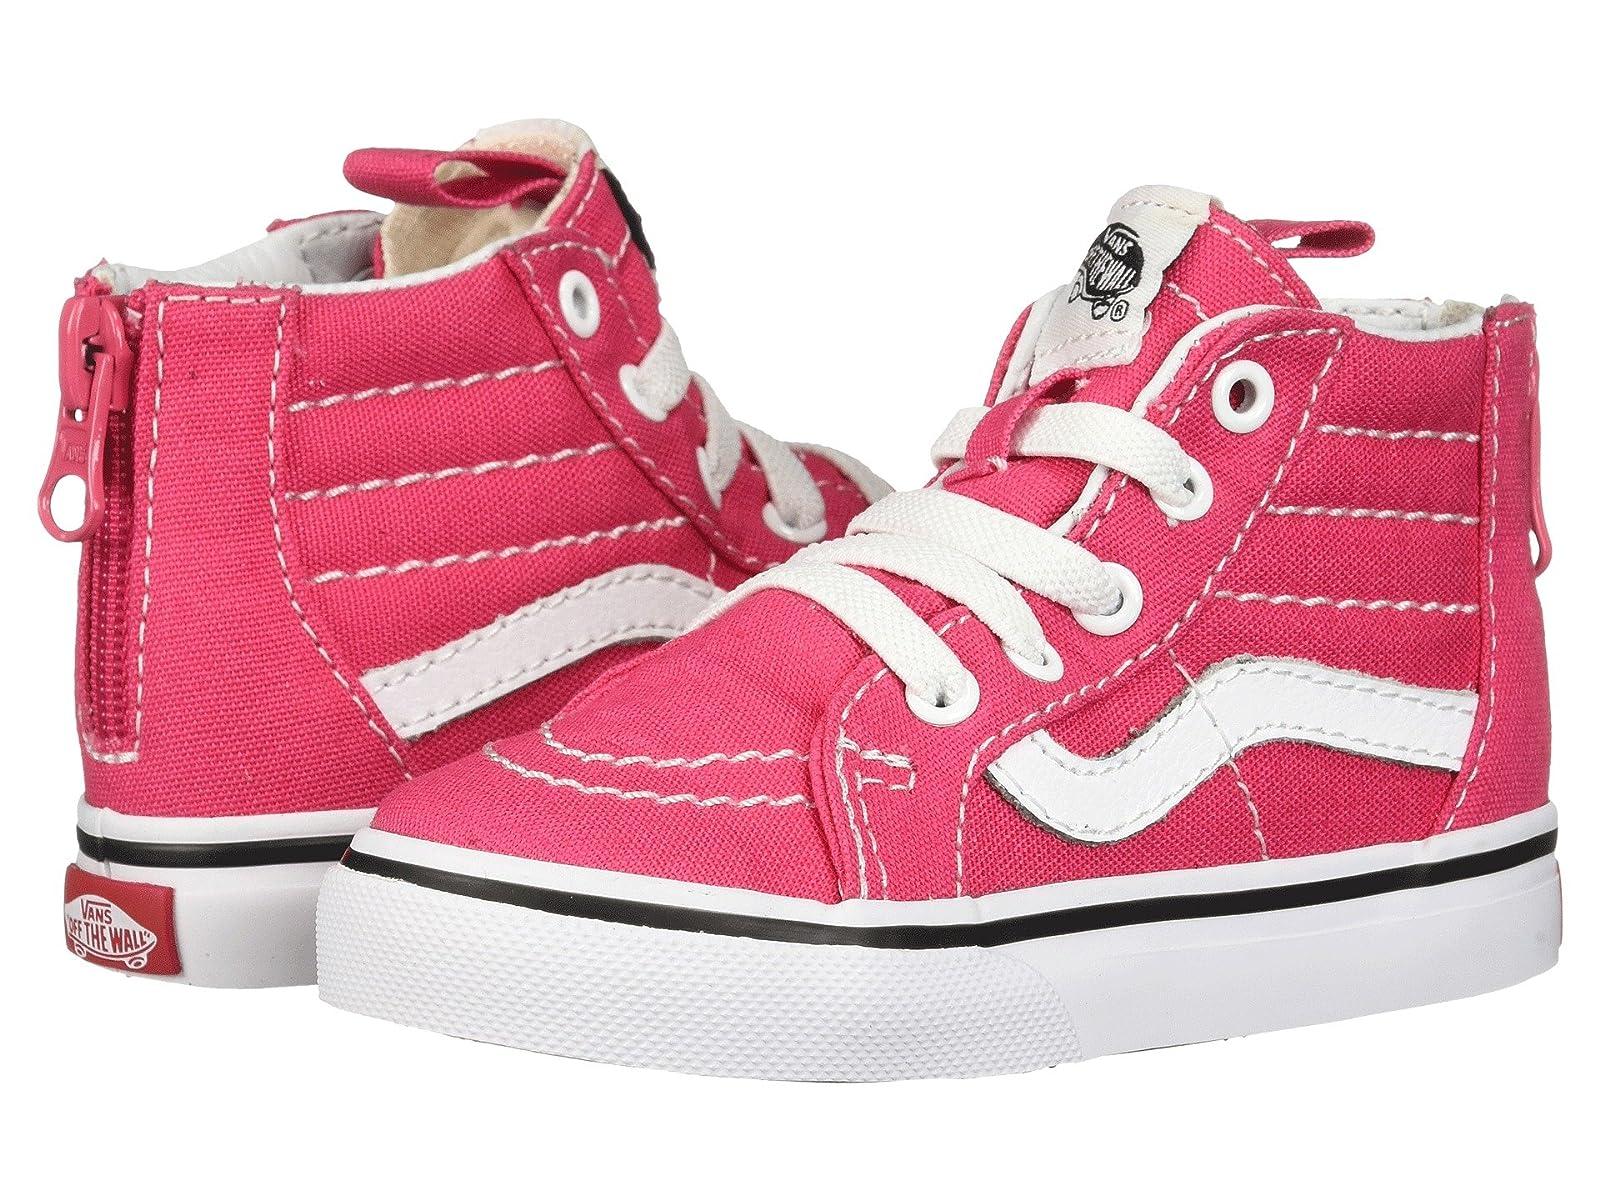 Vans Kids Sk8-Hi Zip (Toddler)Atmospheric grades have affordable shoes